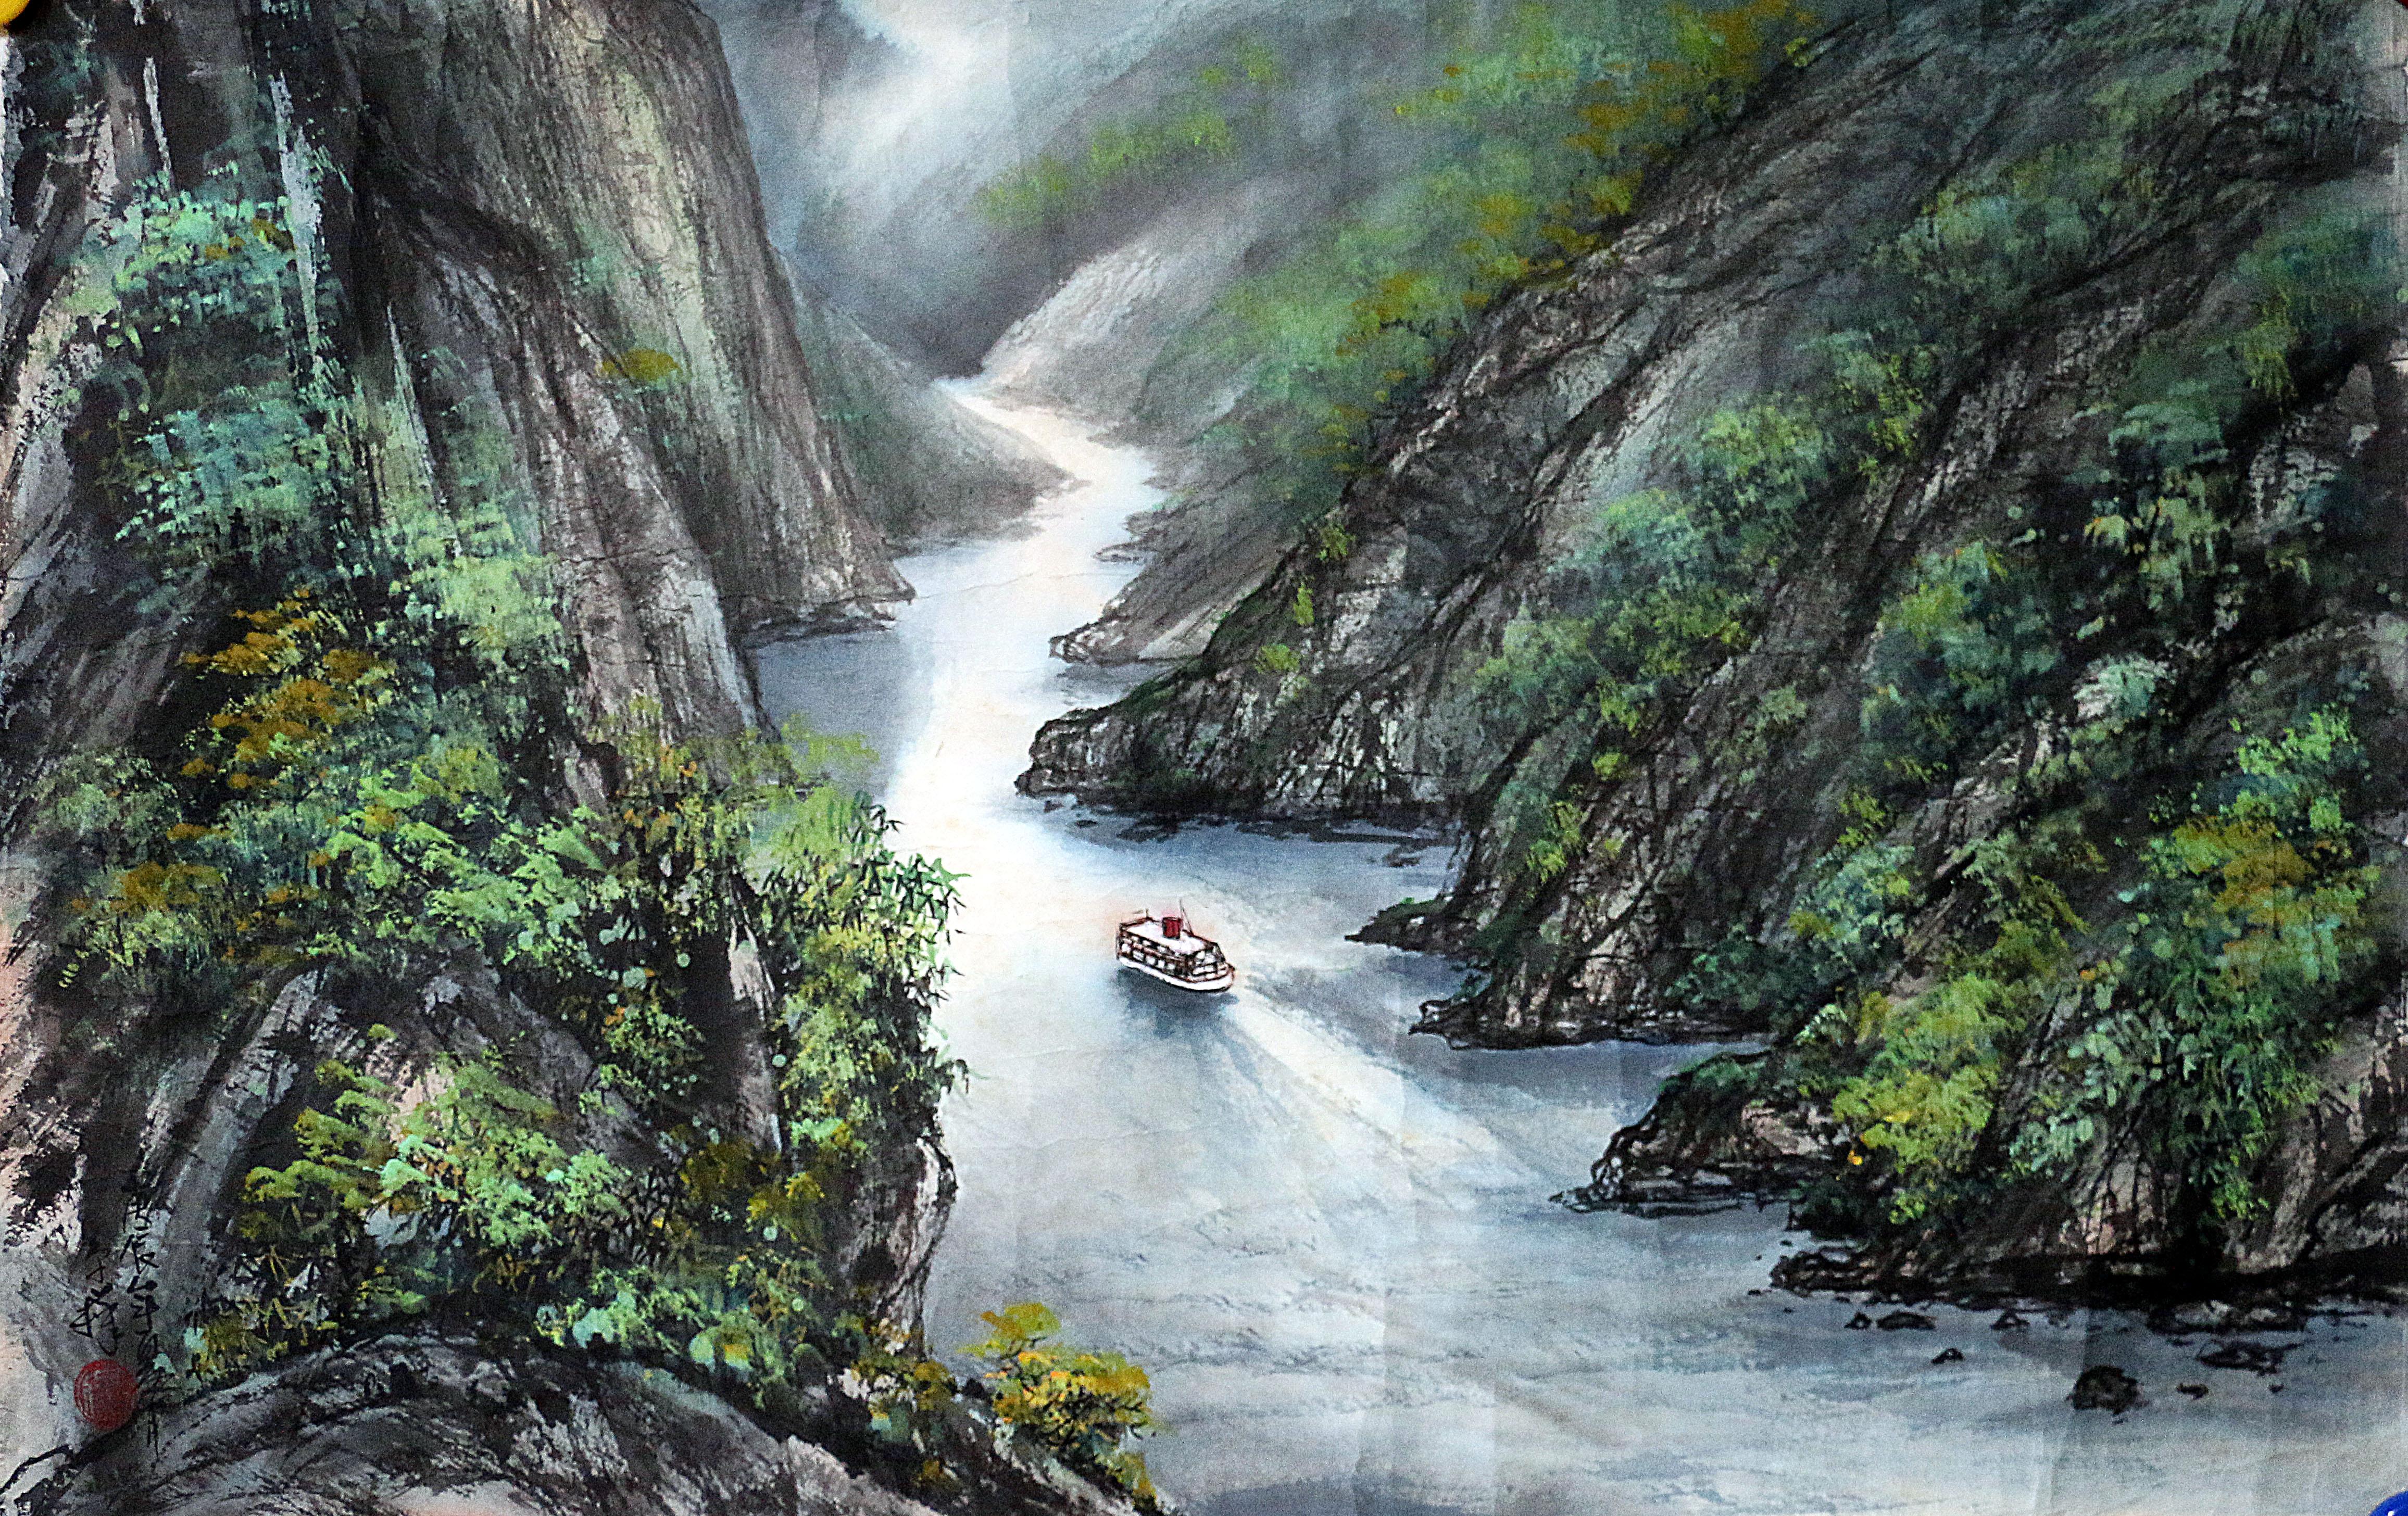 壁纸 风景 旅游 瀑布 山水 桌面 4624_2912